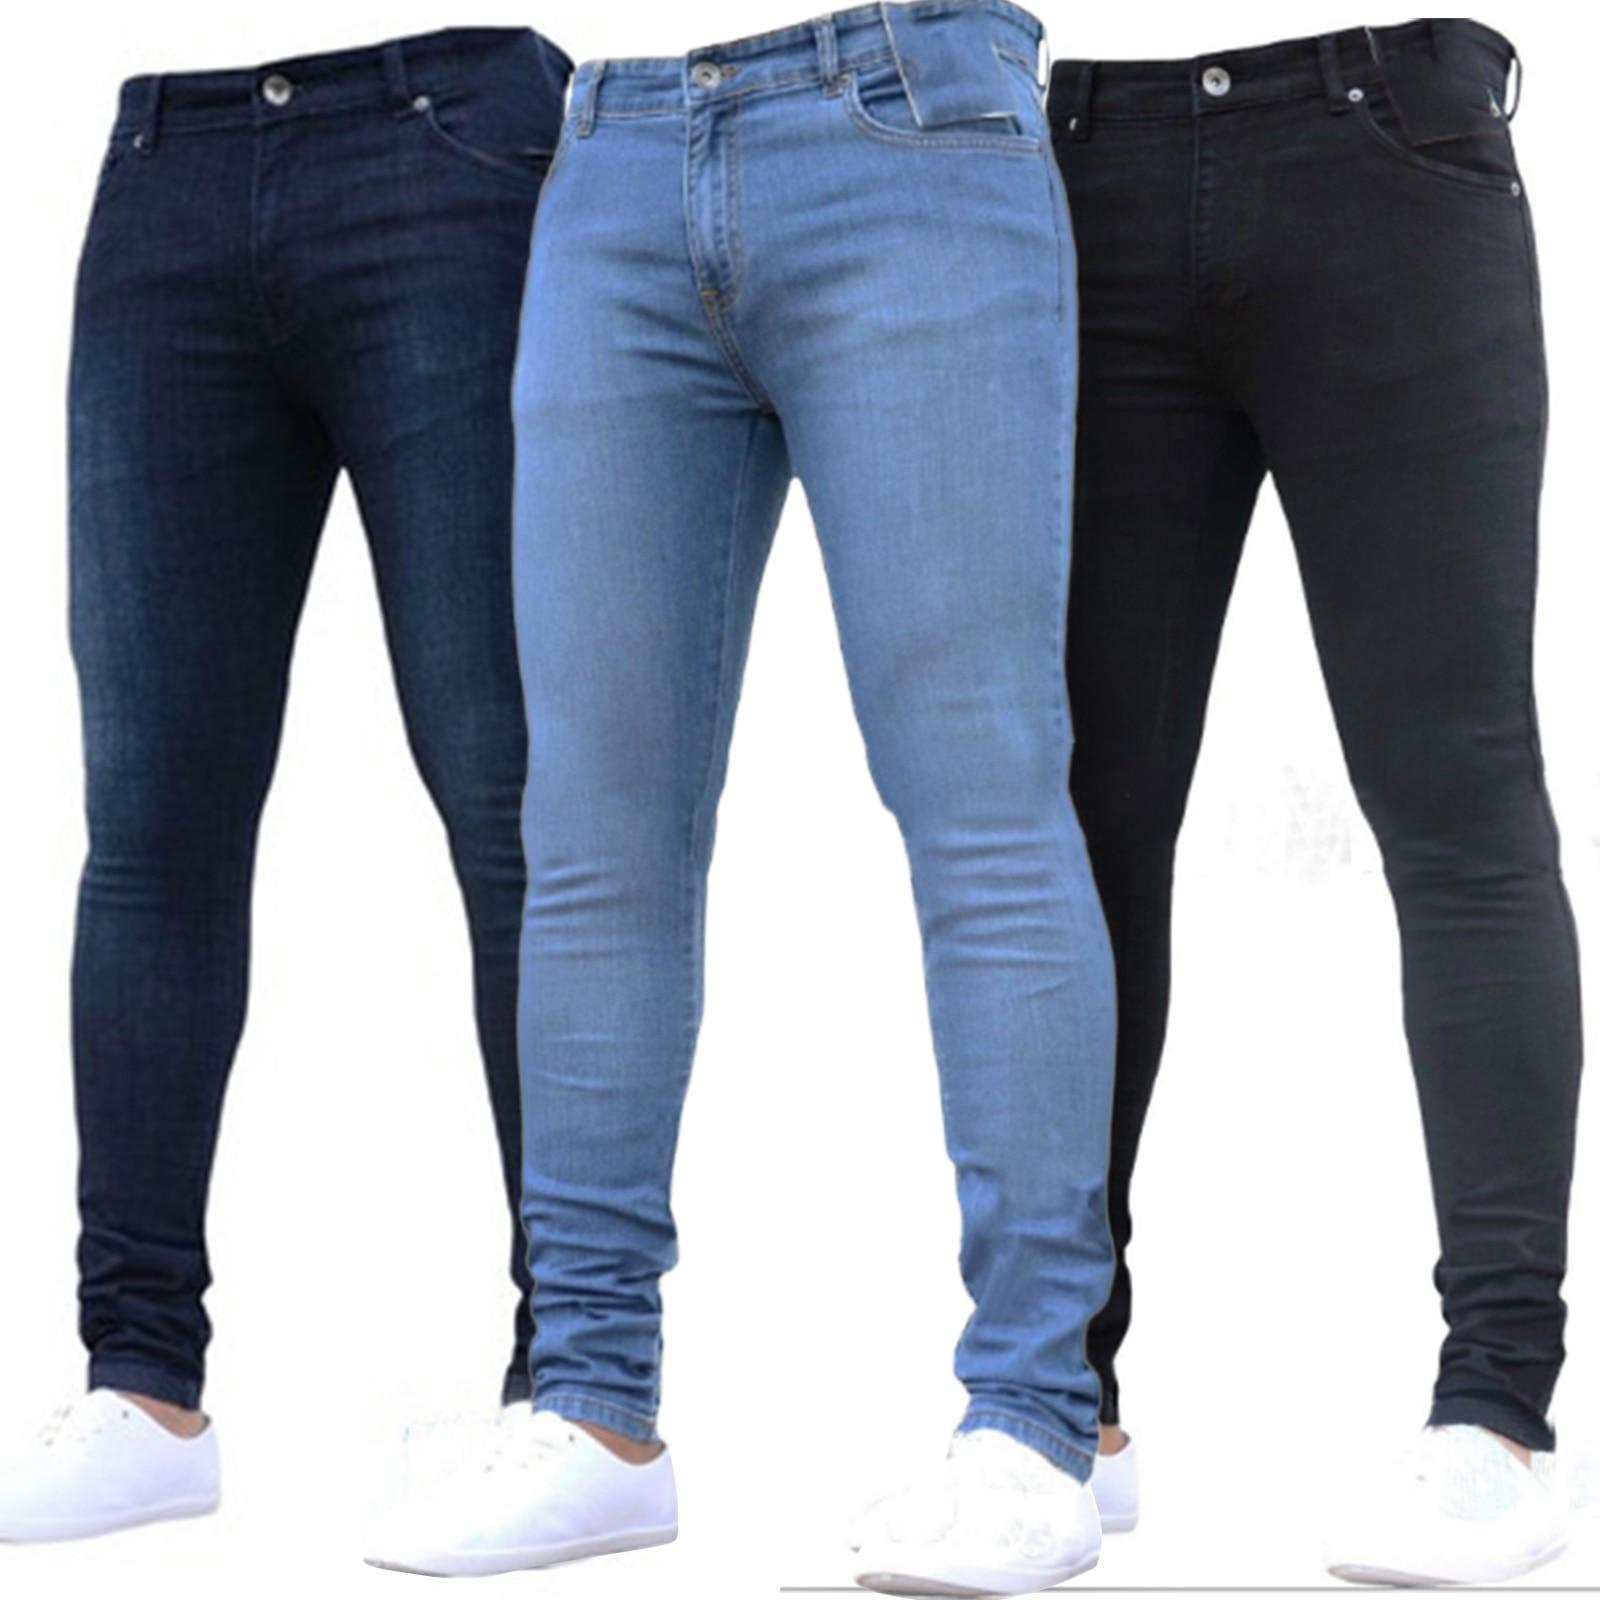 Брюки мужские с высокой талией, Стрейчевые джинсы на молнии, повседневные облегающие брюки, мужские джинсы-карандаш, джинсы скинни джинсы cerruti джинсы скинни